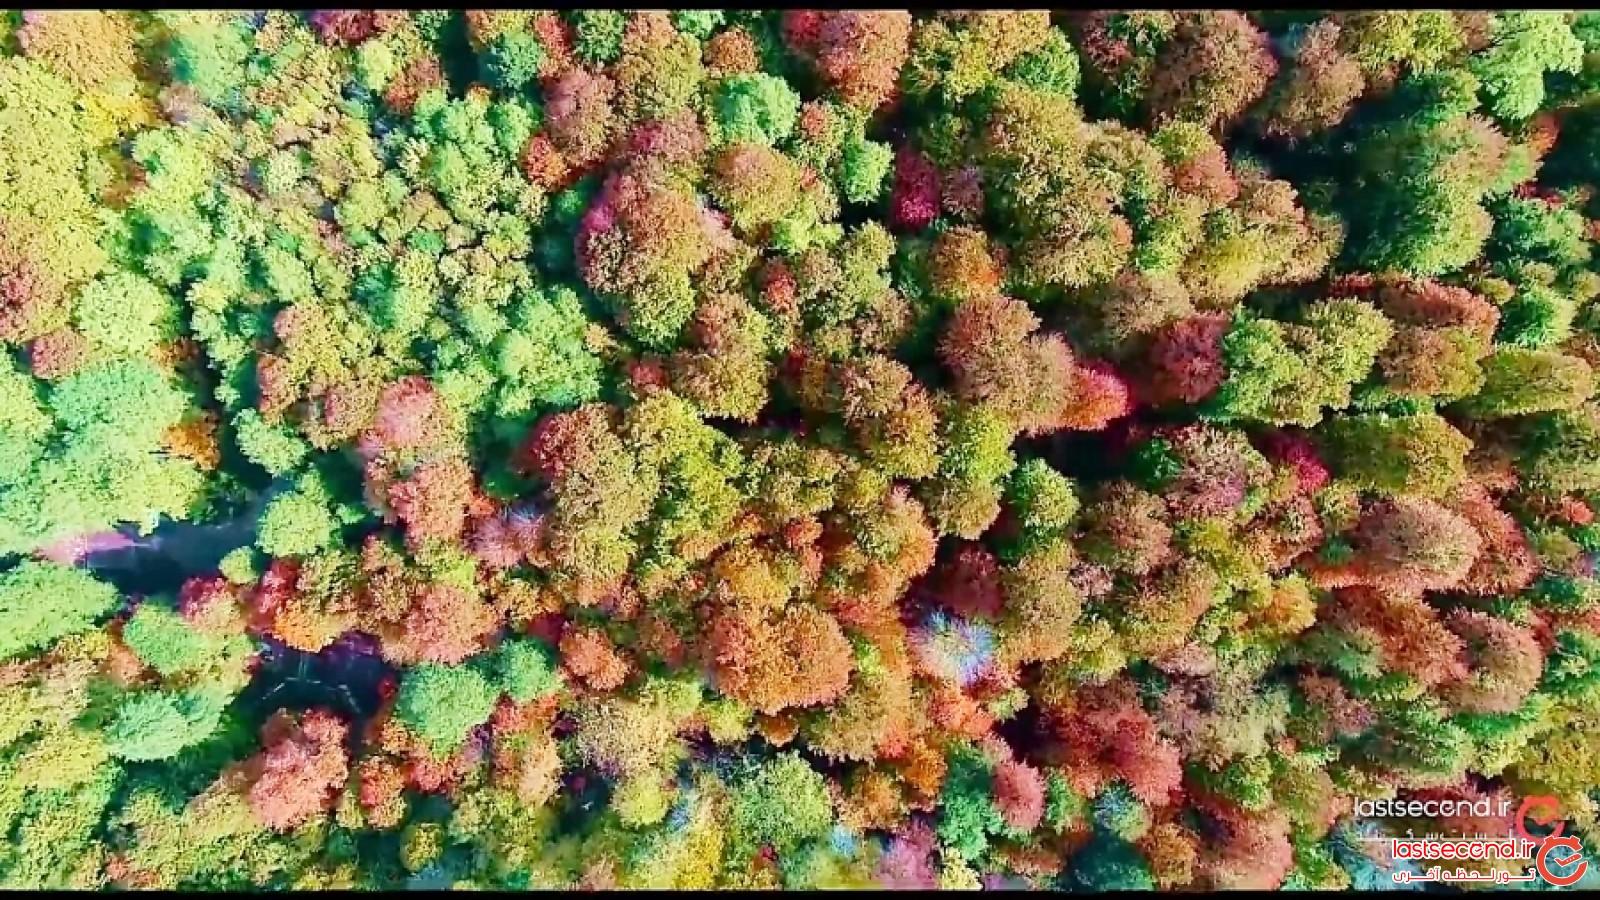 فرشی از جنس درخت بر پهنه مازندران